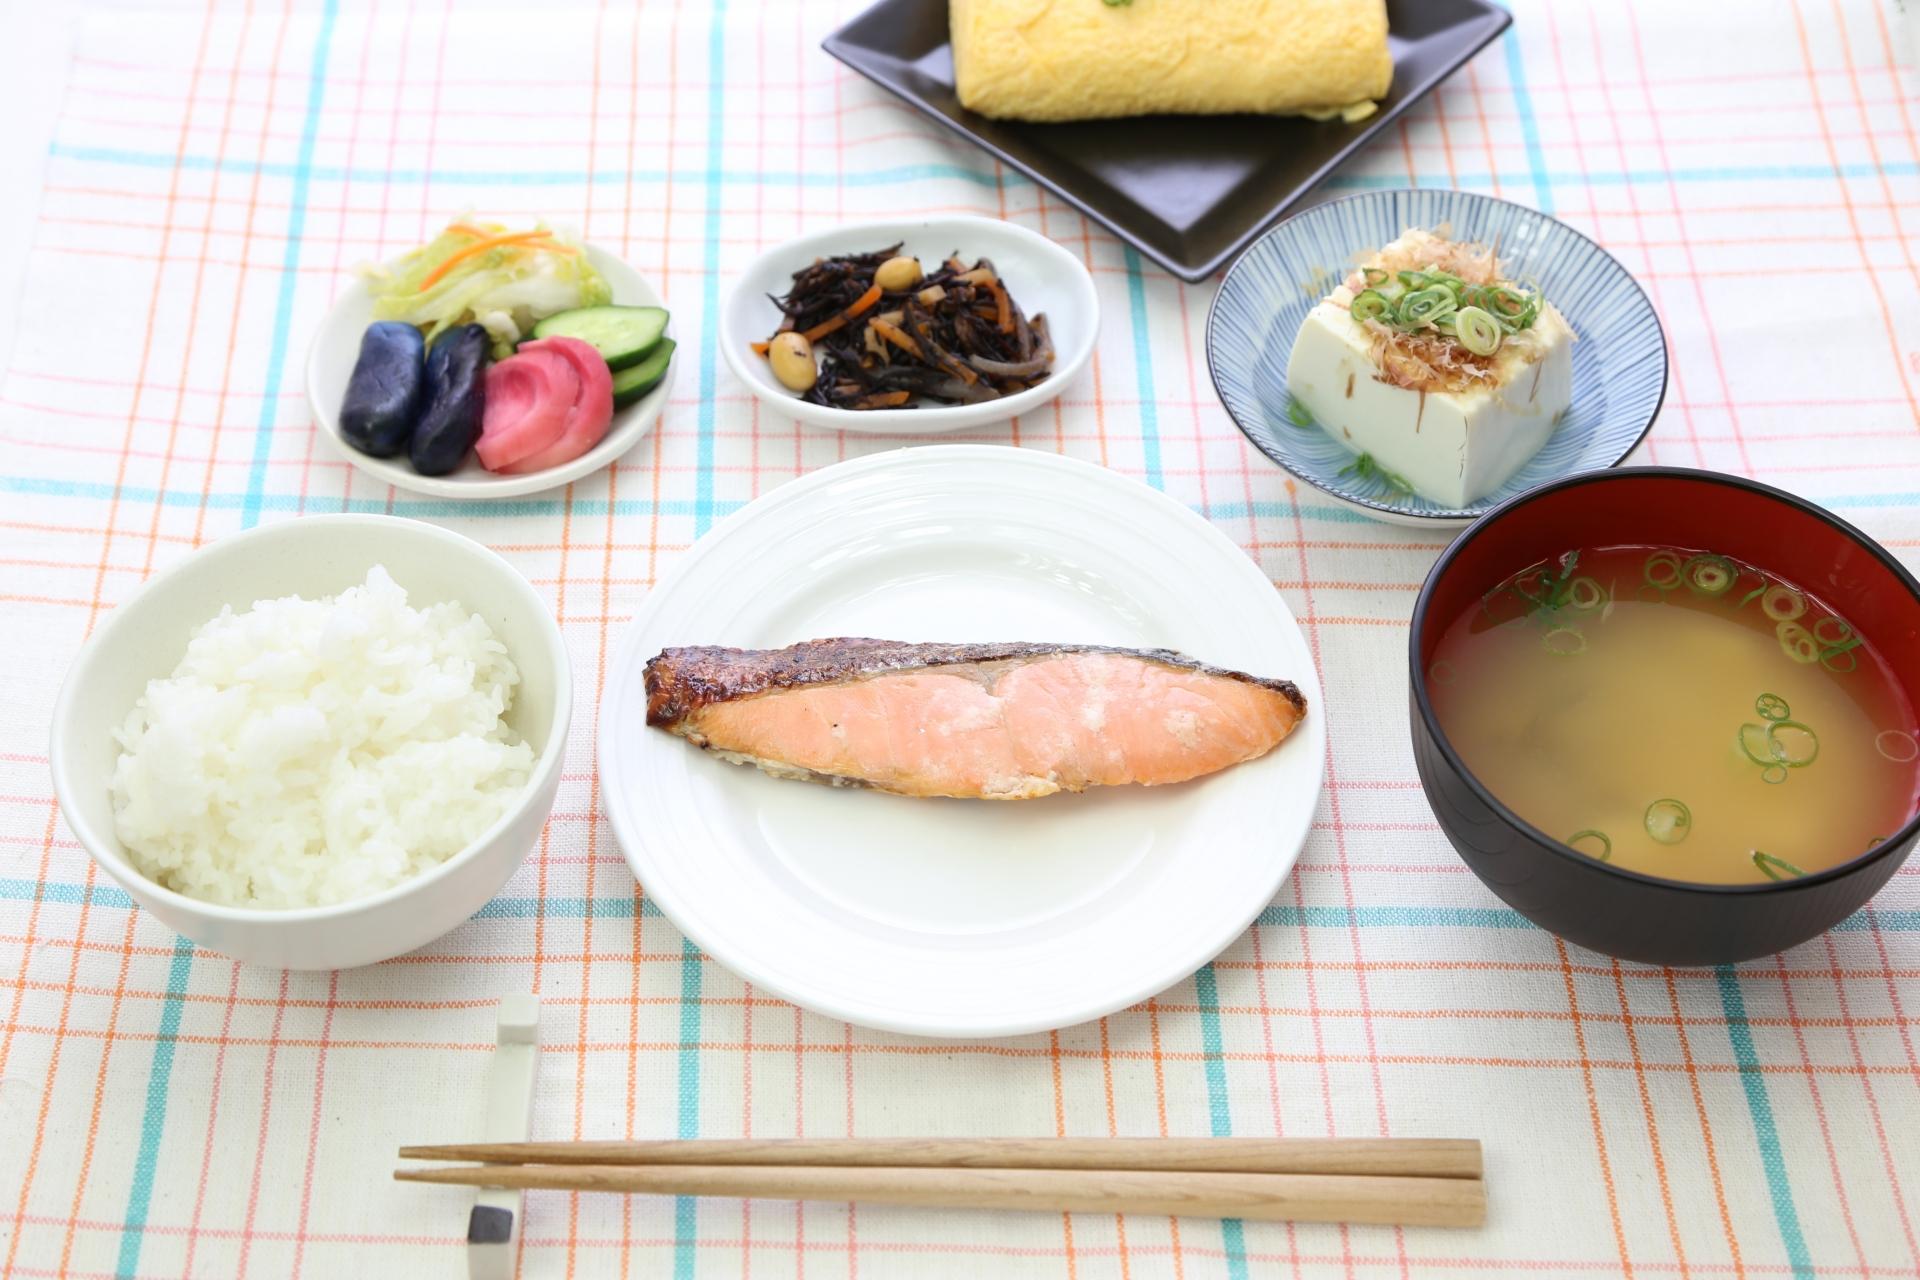 ご飯に味噌汁、漬物!昔ながらの和食をもう一度見直そう